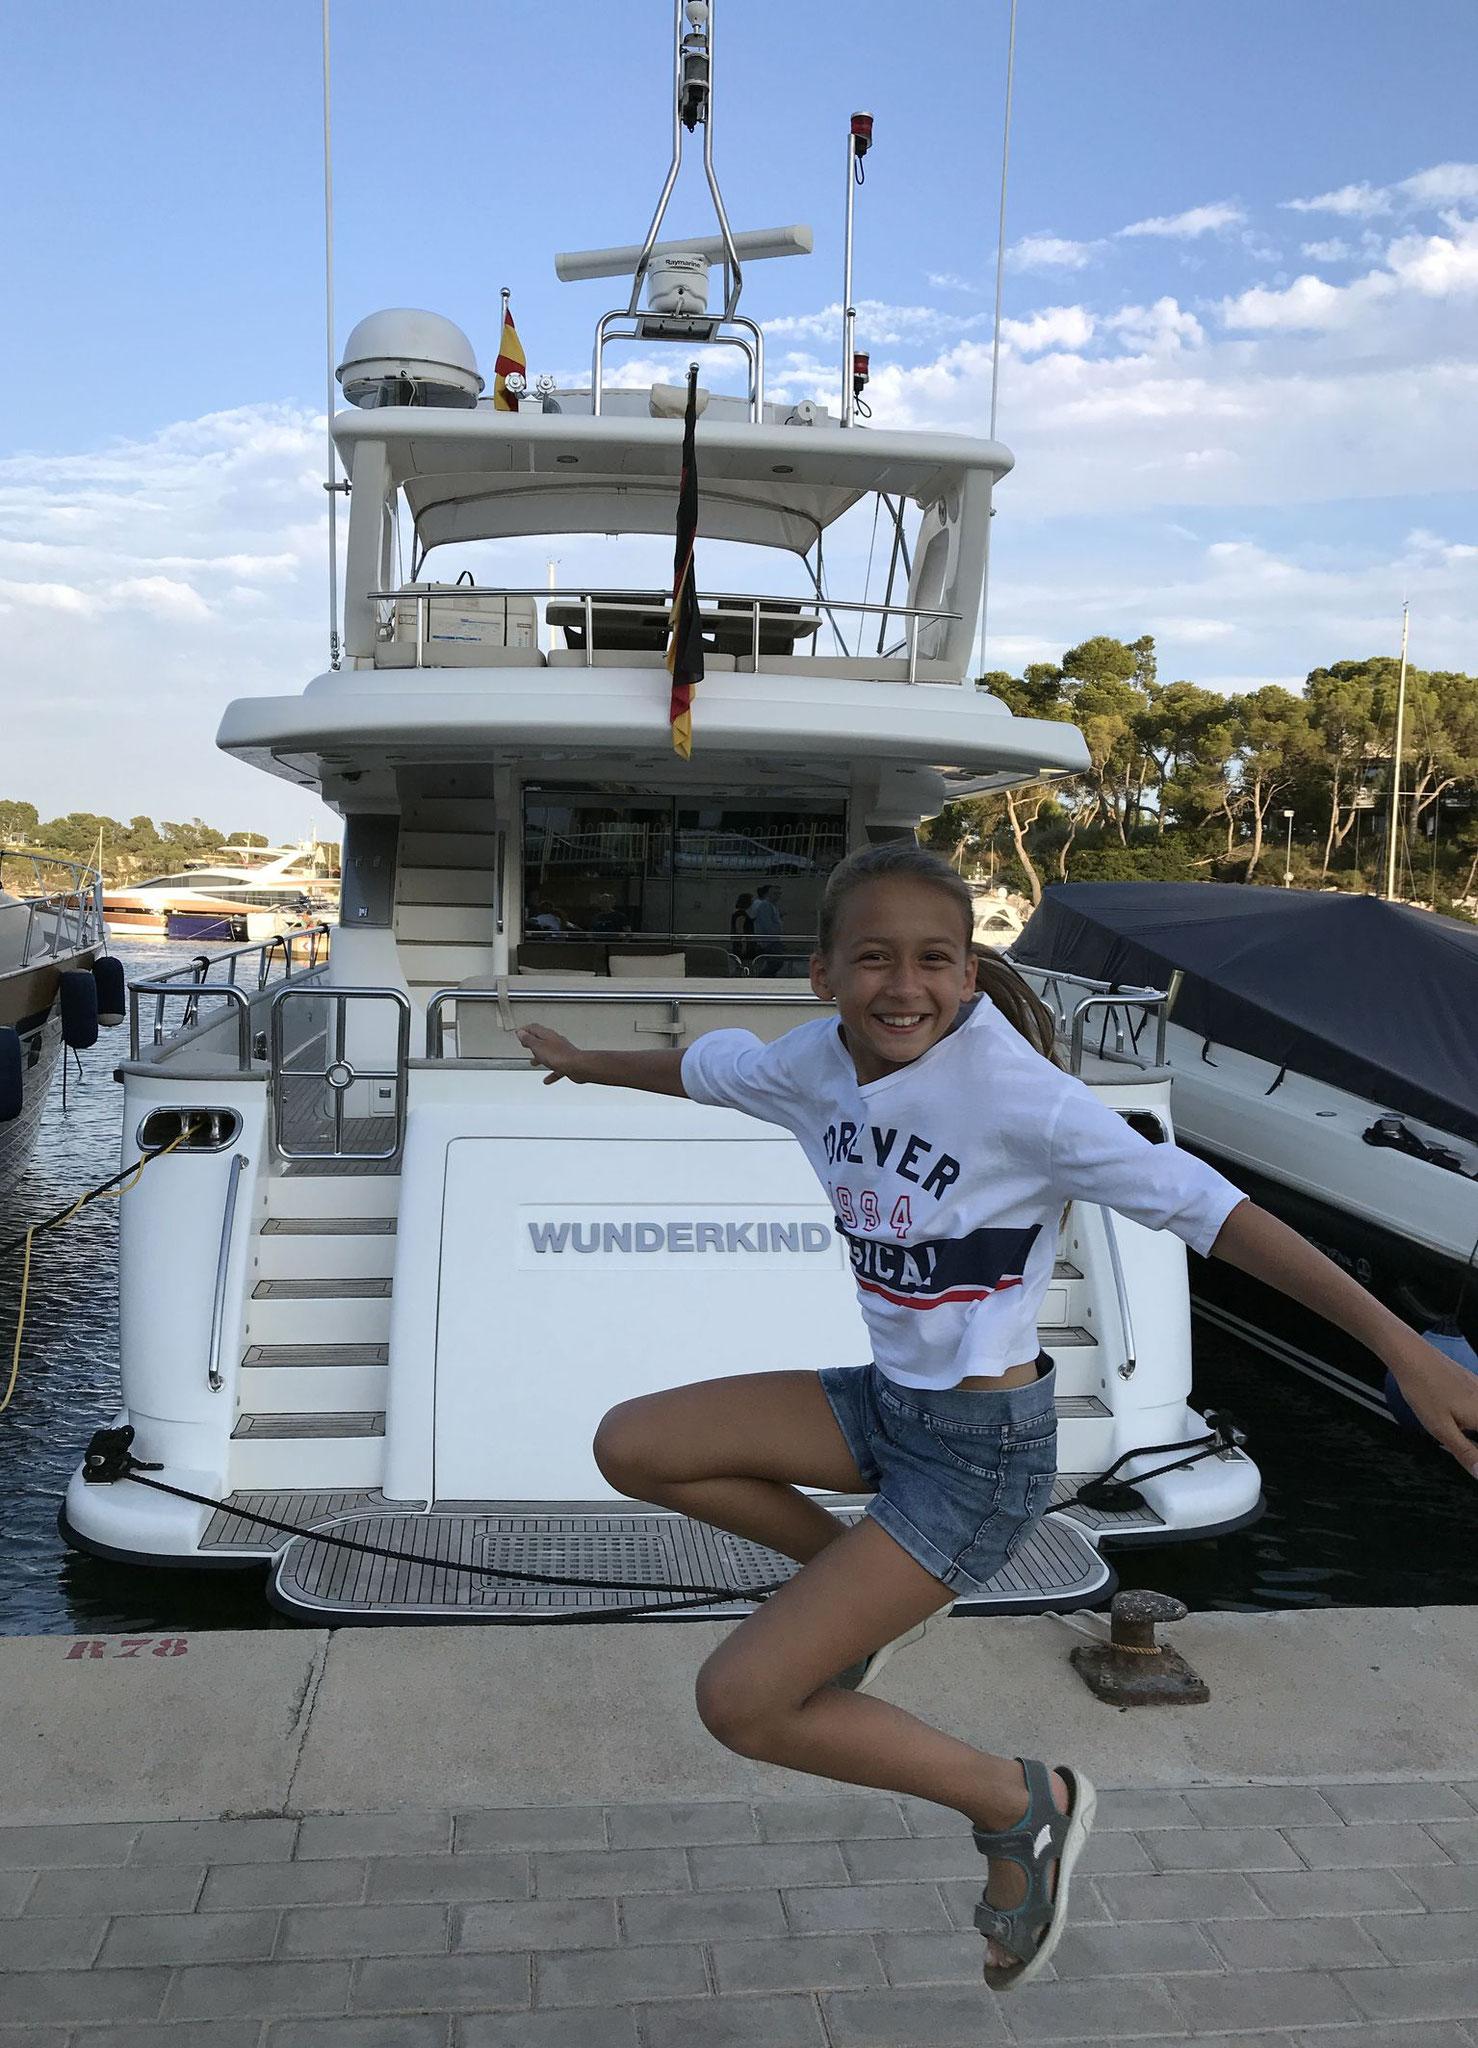 Das Wunderkind auf Mallorca im Juli 2018